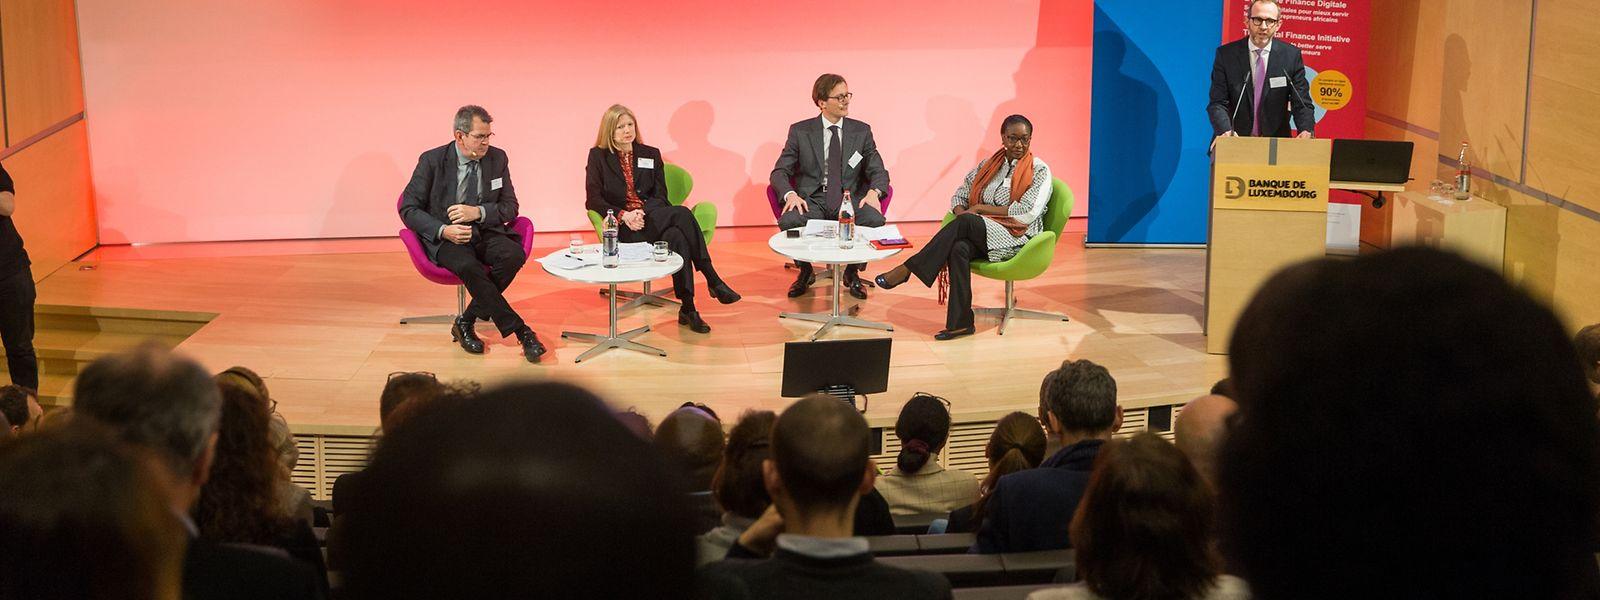 Gerhard Coetzee, Myka Reinsch, Arnaud de Lavalette, Madji Sock (de g. à d.) échangent dans les locaux de la Banque de Luxembourg sur le futur de l'inclusion financière.